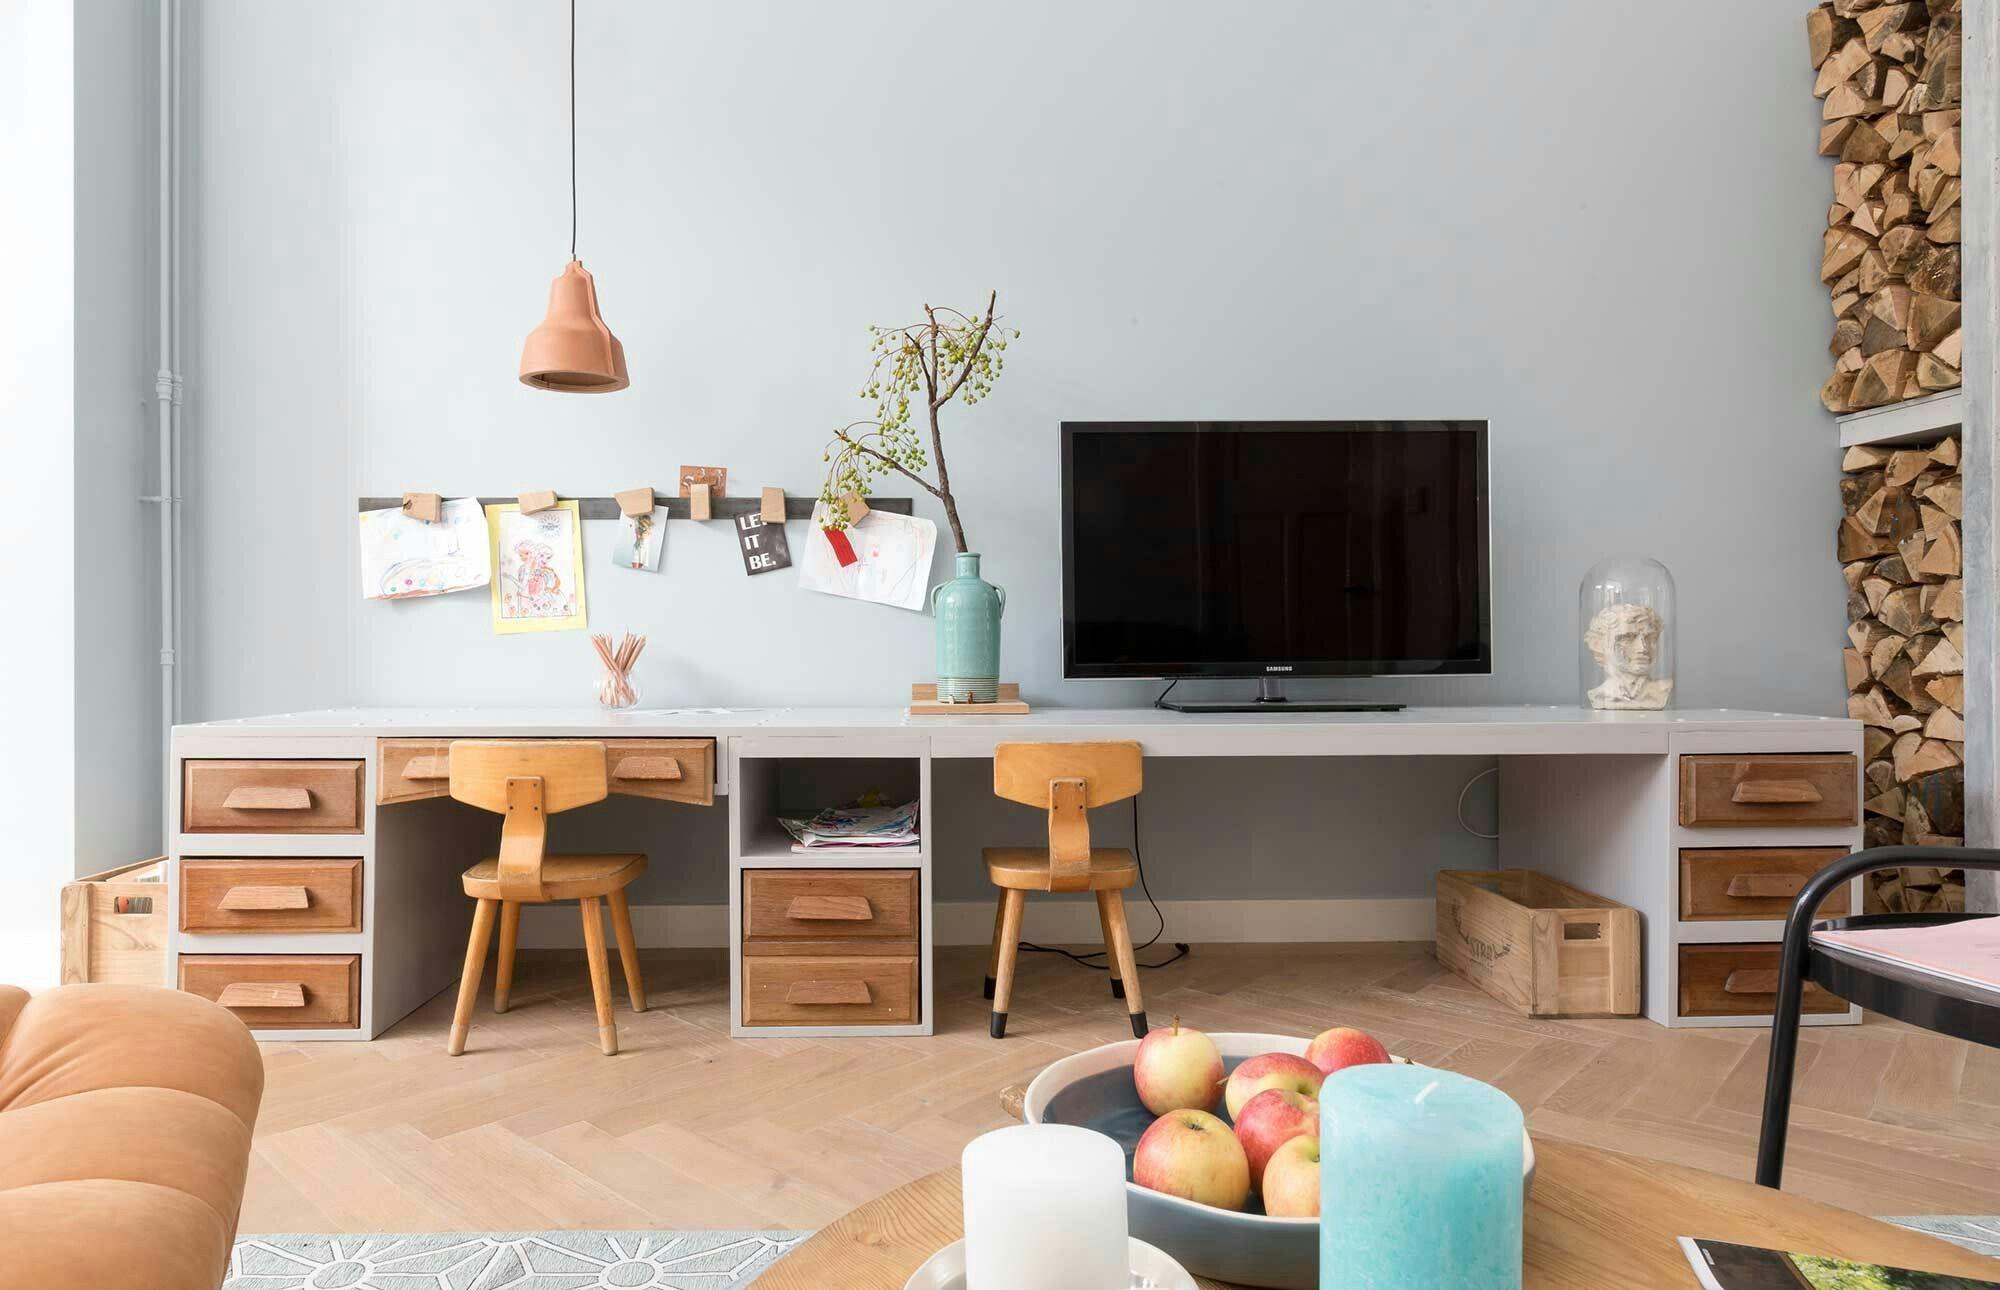 Wood Storage Room Kids Wandplanken Tv En Kinder Speelhoek (Vtwonen)